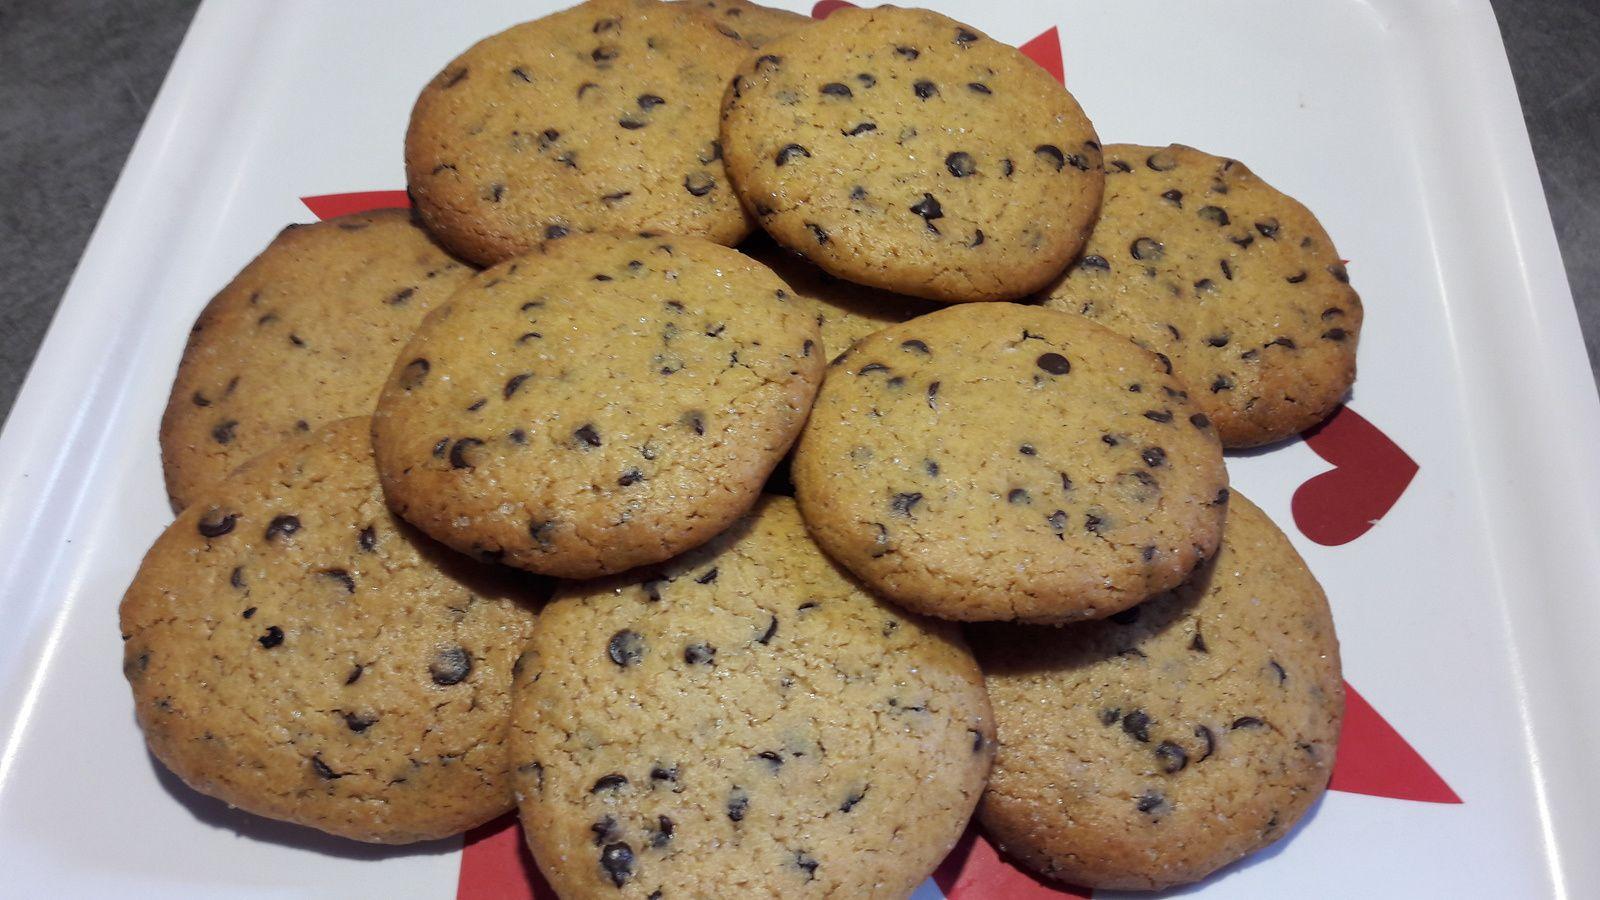 Cookies au caramel au beurre salé maison et pépites de chocolat